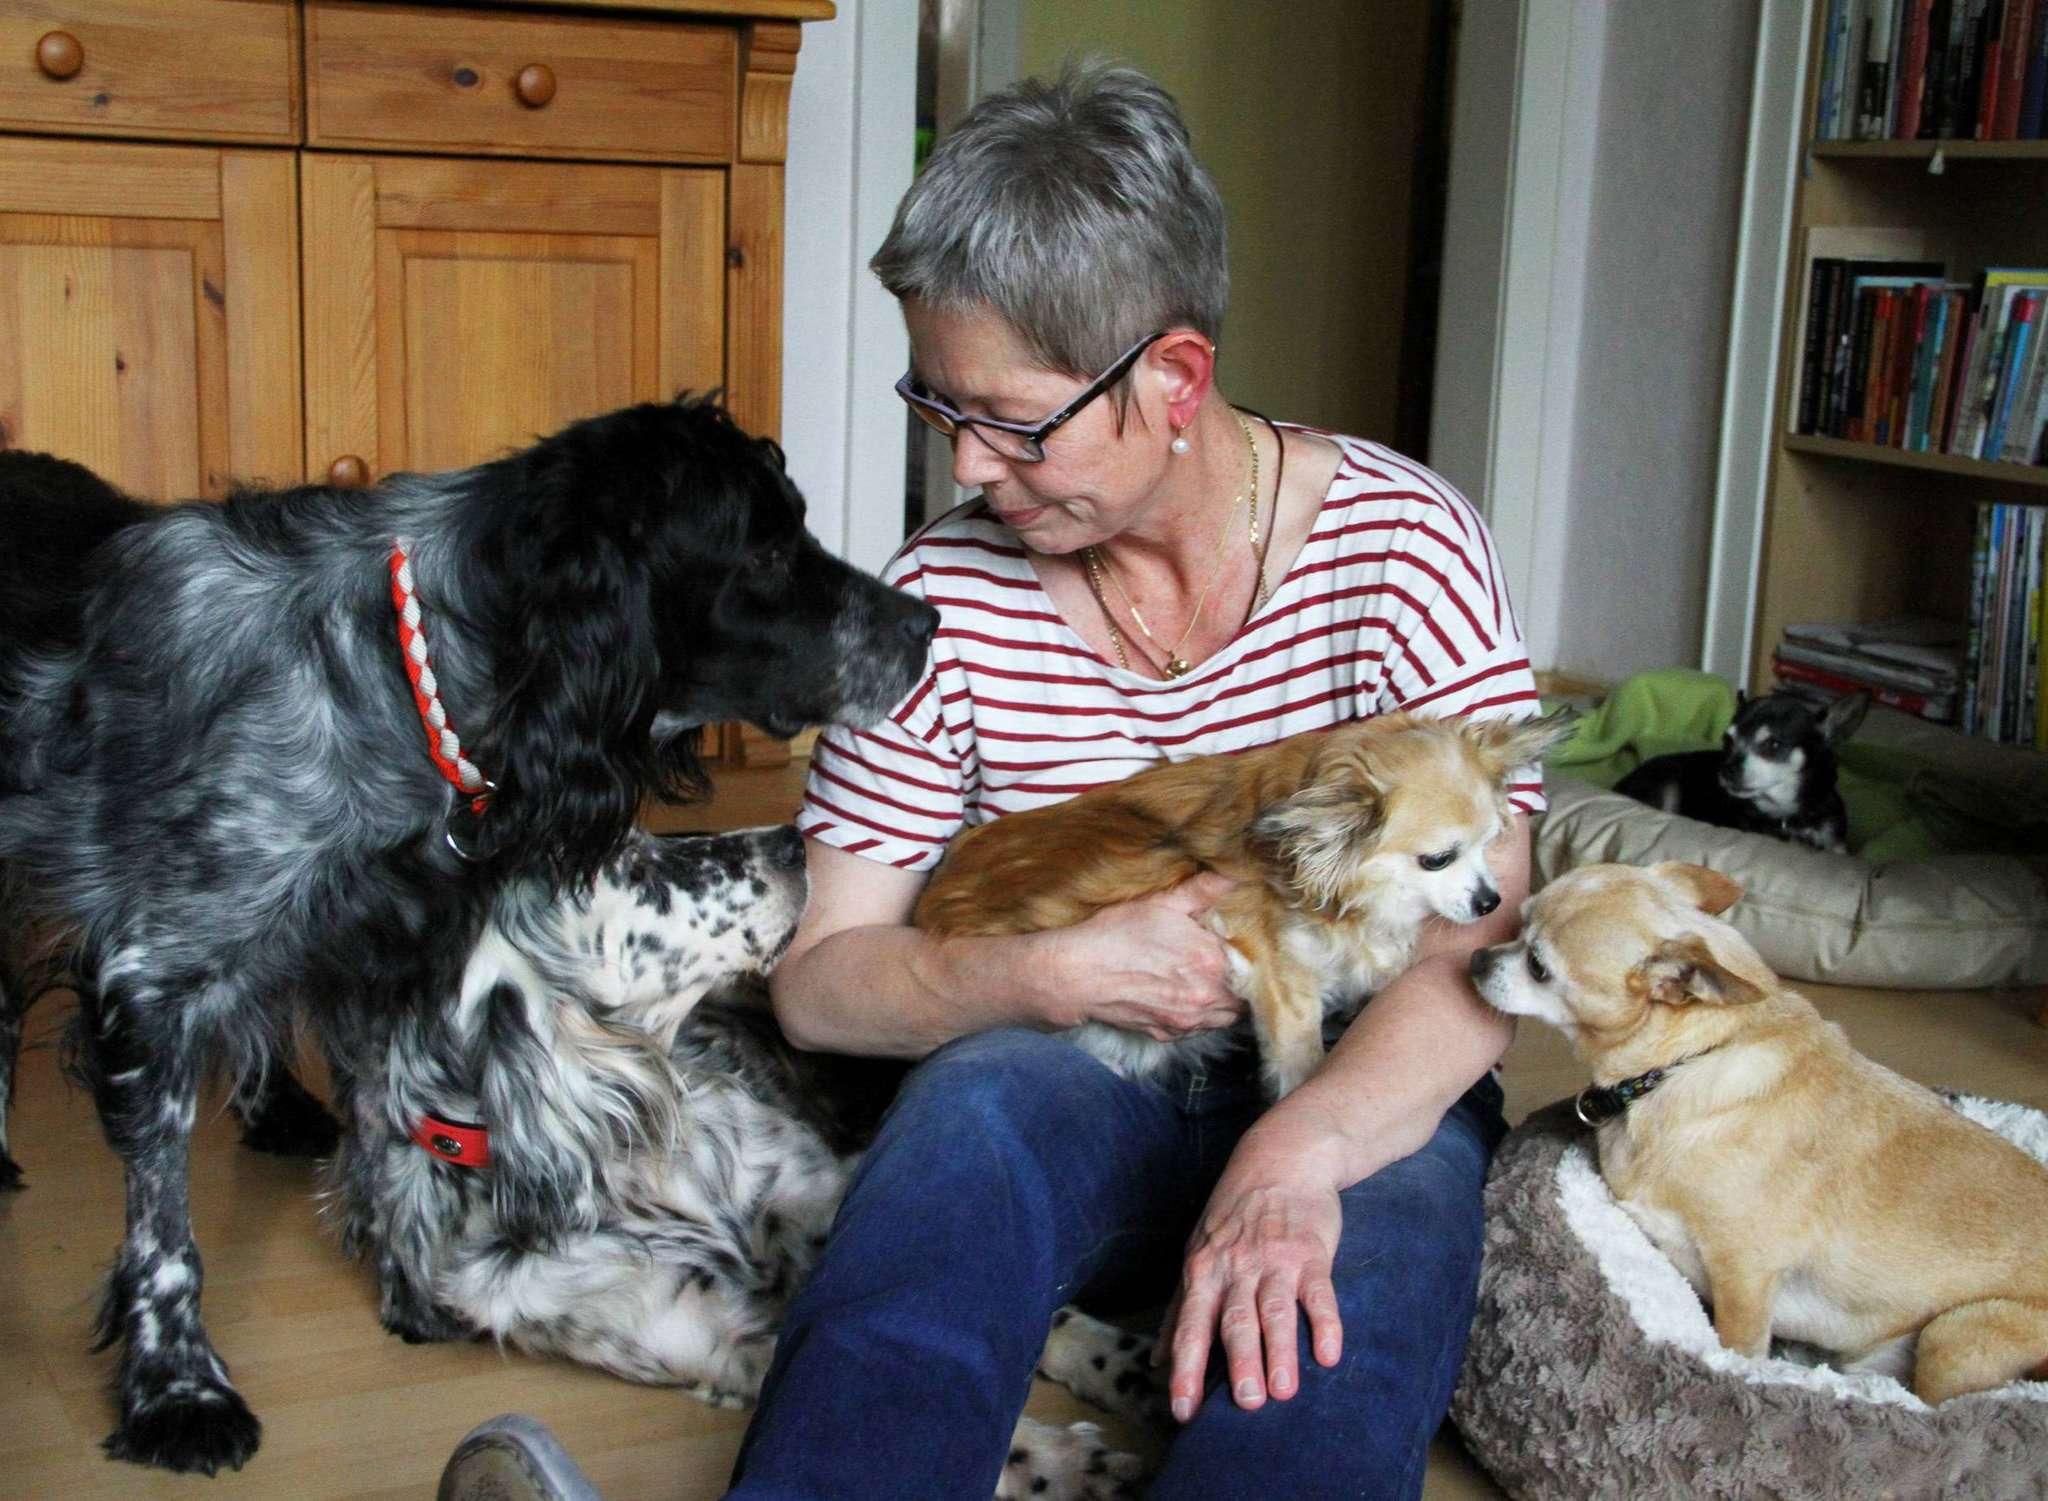 Streicheleinheiten gibt es im Hause von Heike Landwehr-Johannsen genug: Die Hellwegerin ist Tierschützerin und kümmert sich um die Pflege von fünf Hunden. Fotos: Antje Holsten-Körner